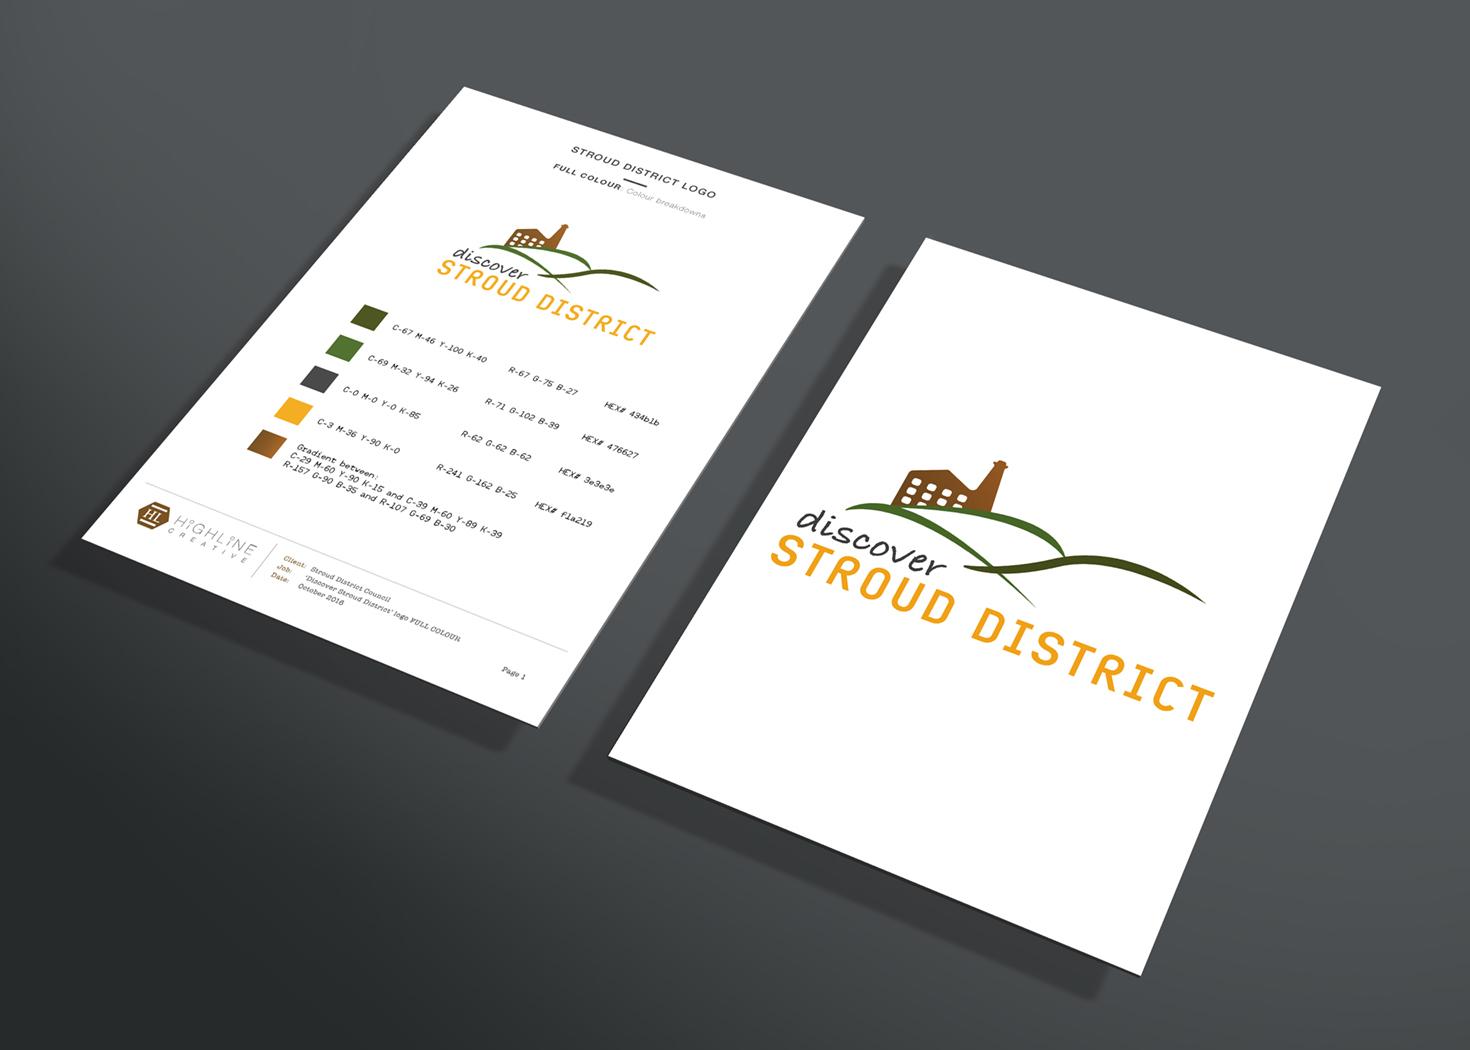 Client: Stroud District Council